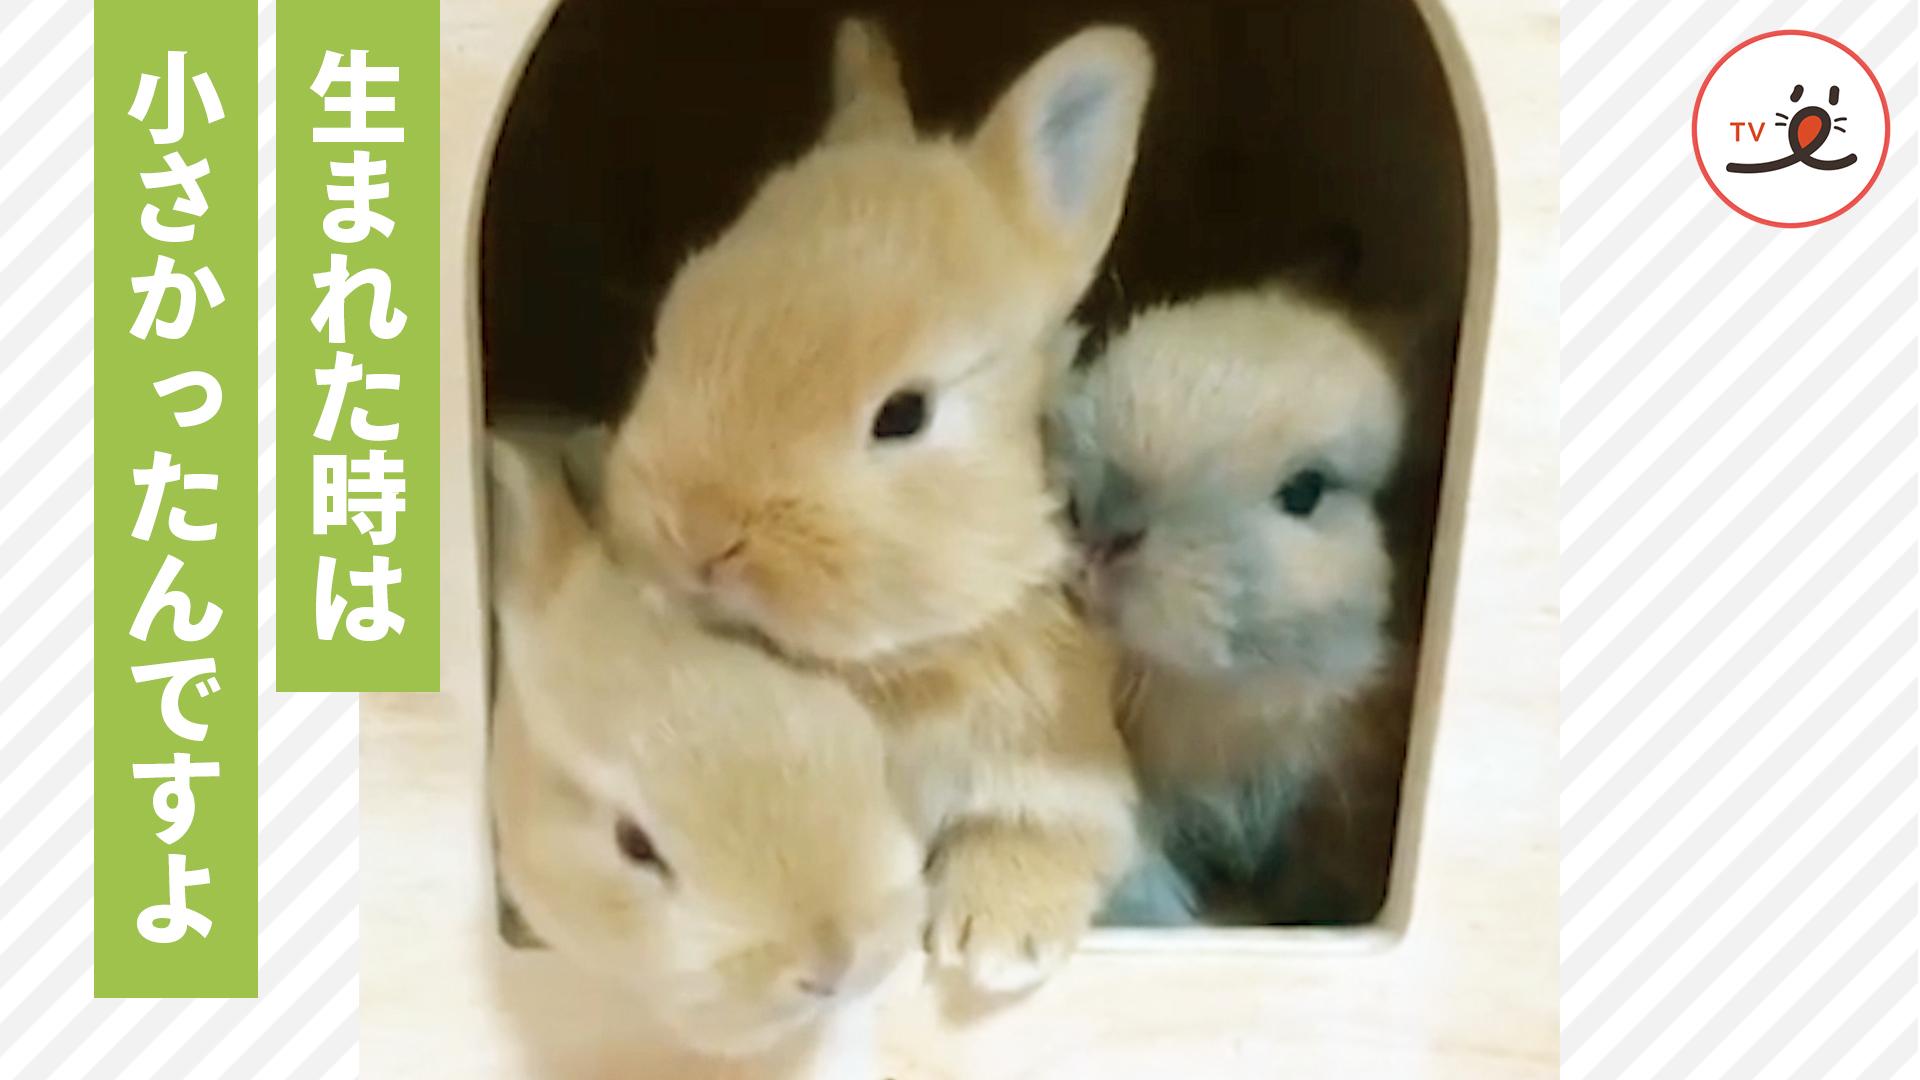 赤ちゃんから子ウサギになるまでの20日間の成長記録